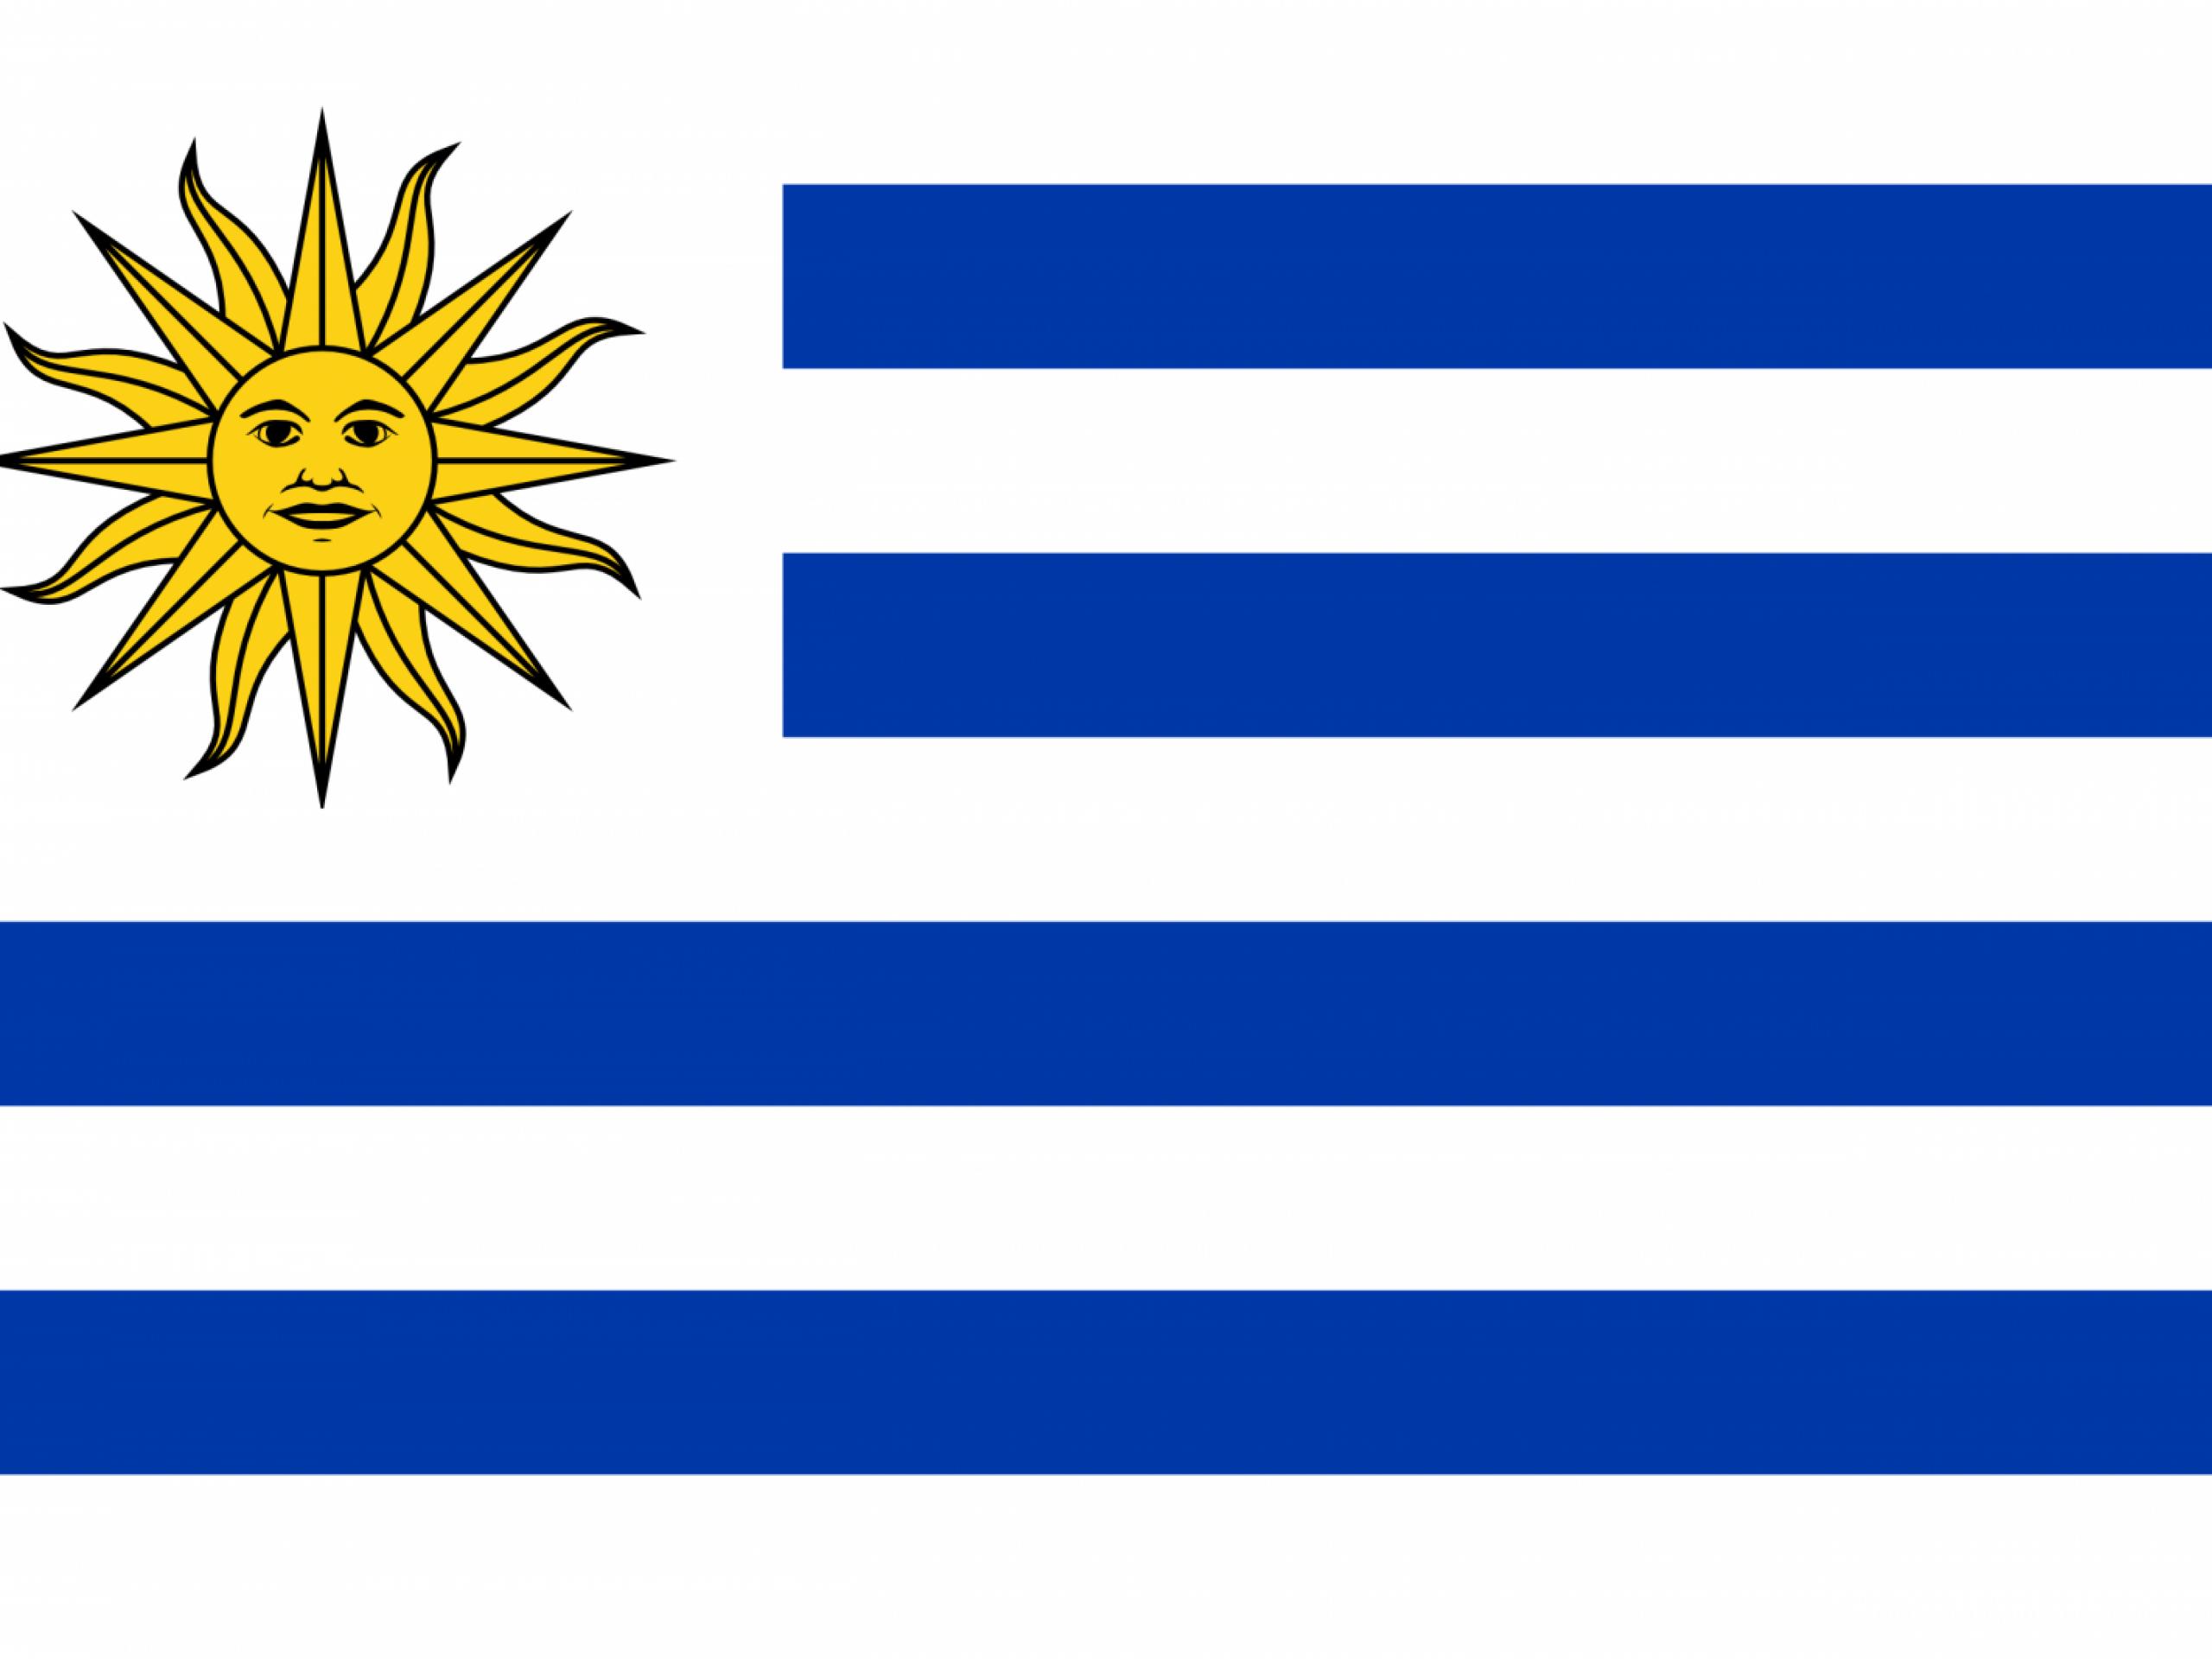 Sol Bandera De Uruguay - ClipArt Best